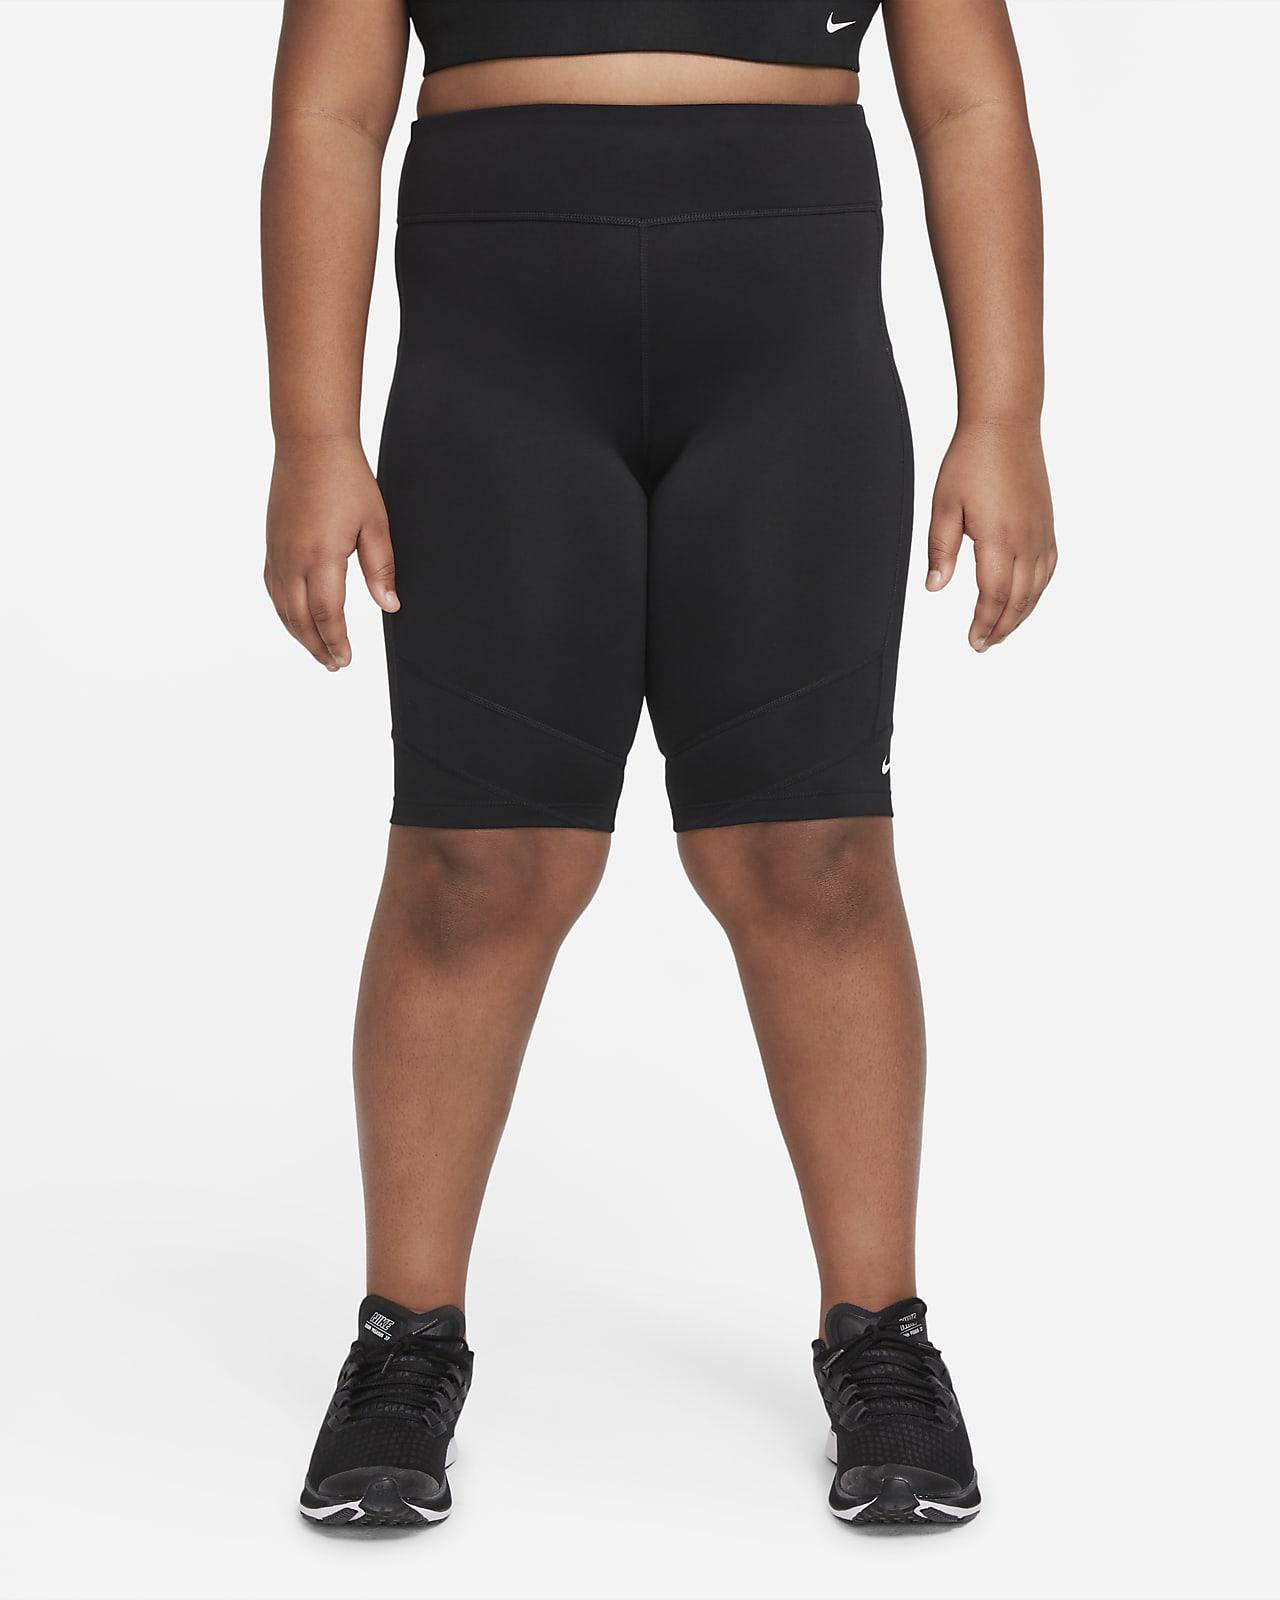 Nike Dri-FIT One Pantalón corto de ciclismo (Talla grande) - Niña